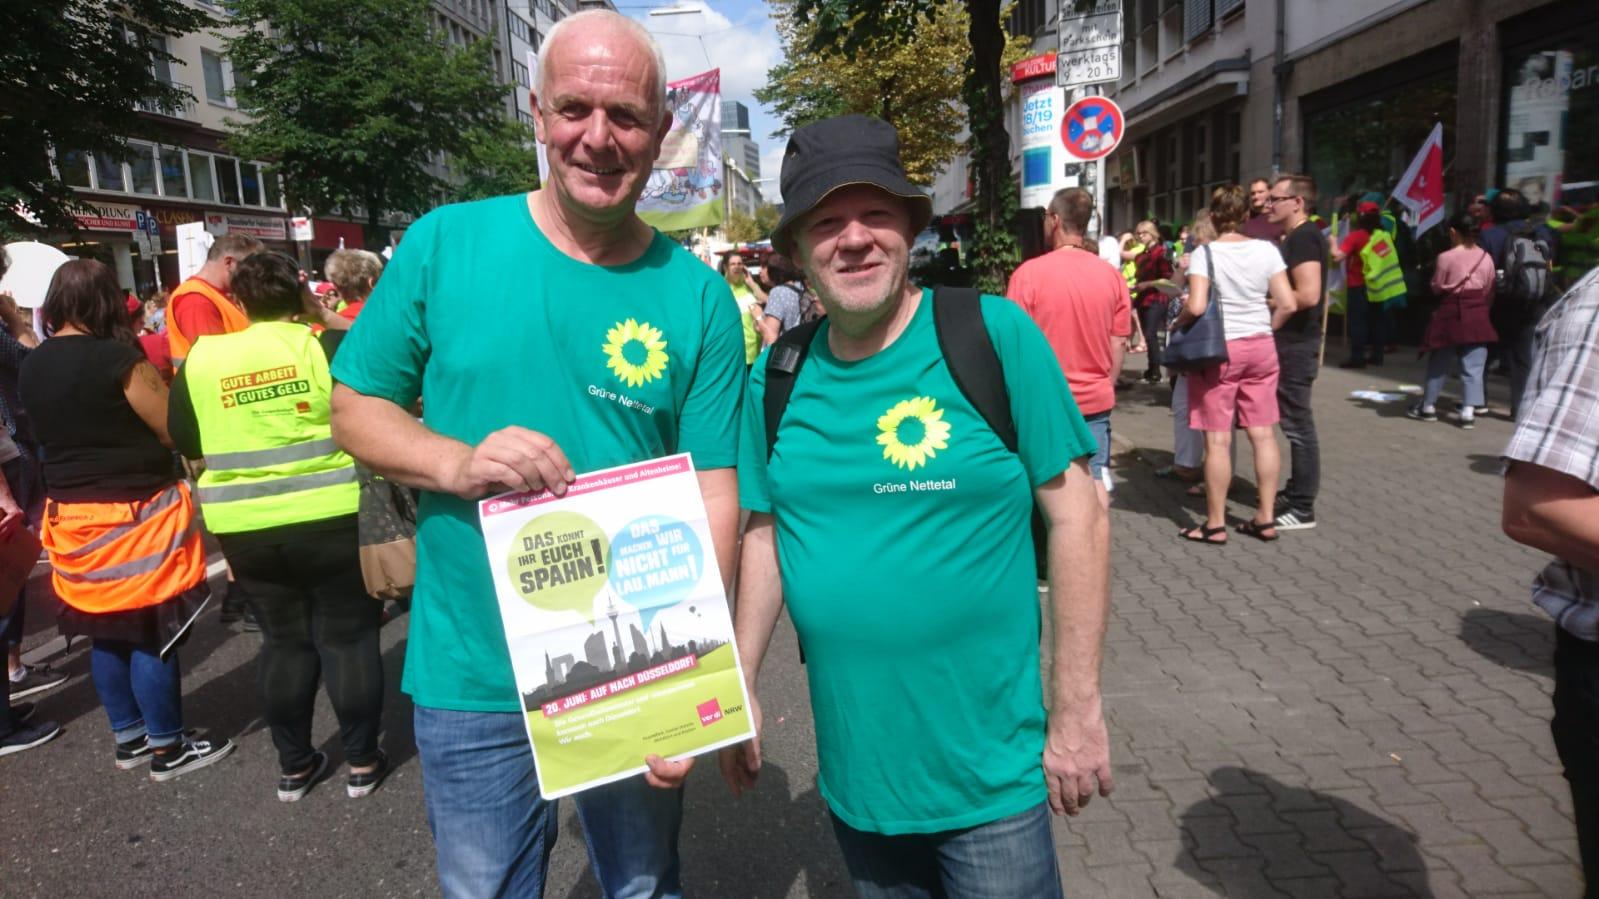 Grüner Ortsverband beteiligt sich an Pflege-Demo in Düsseldorf